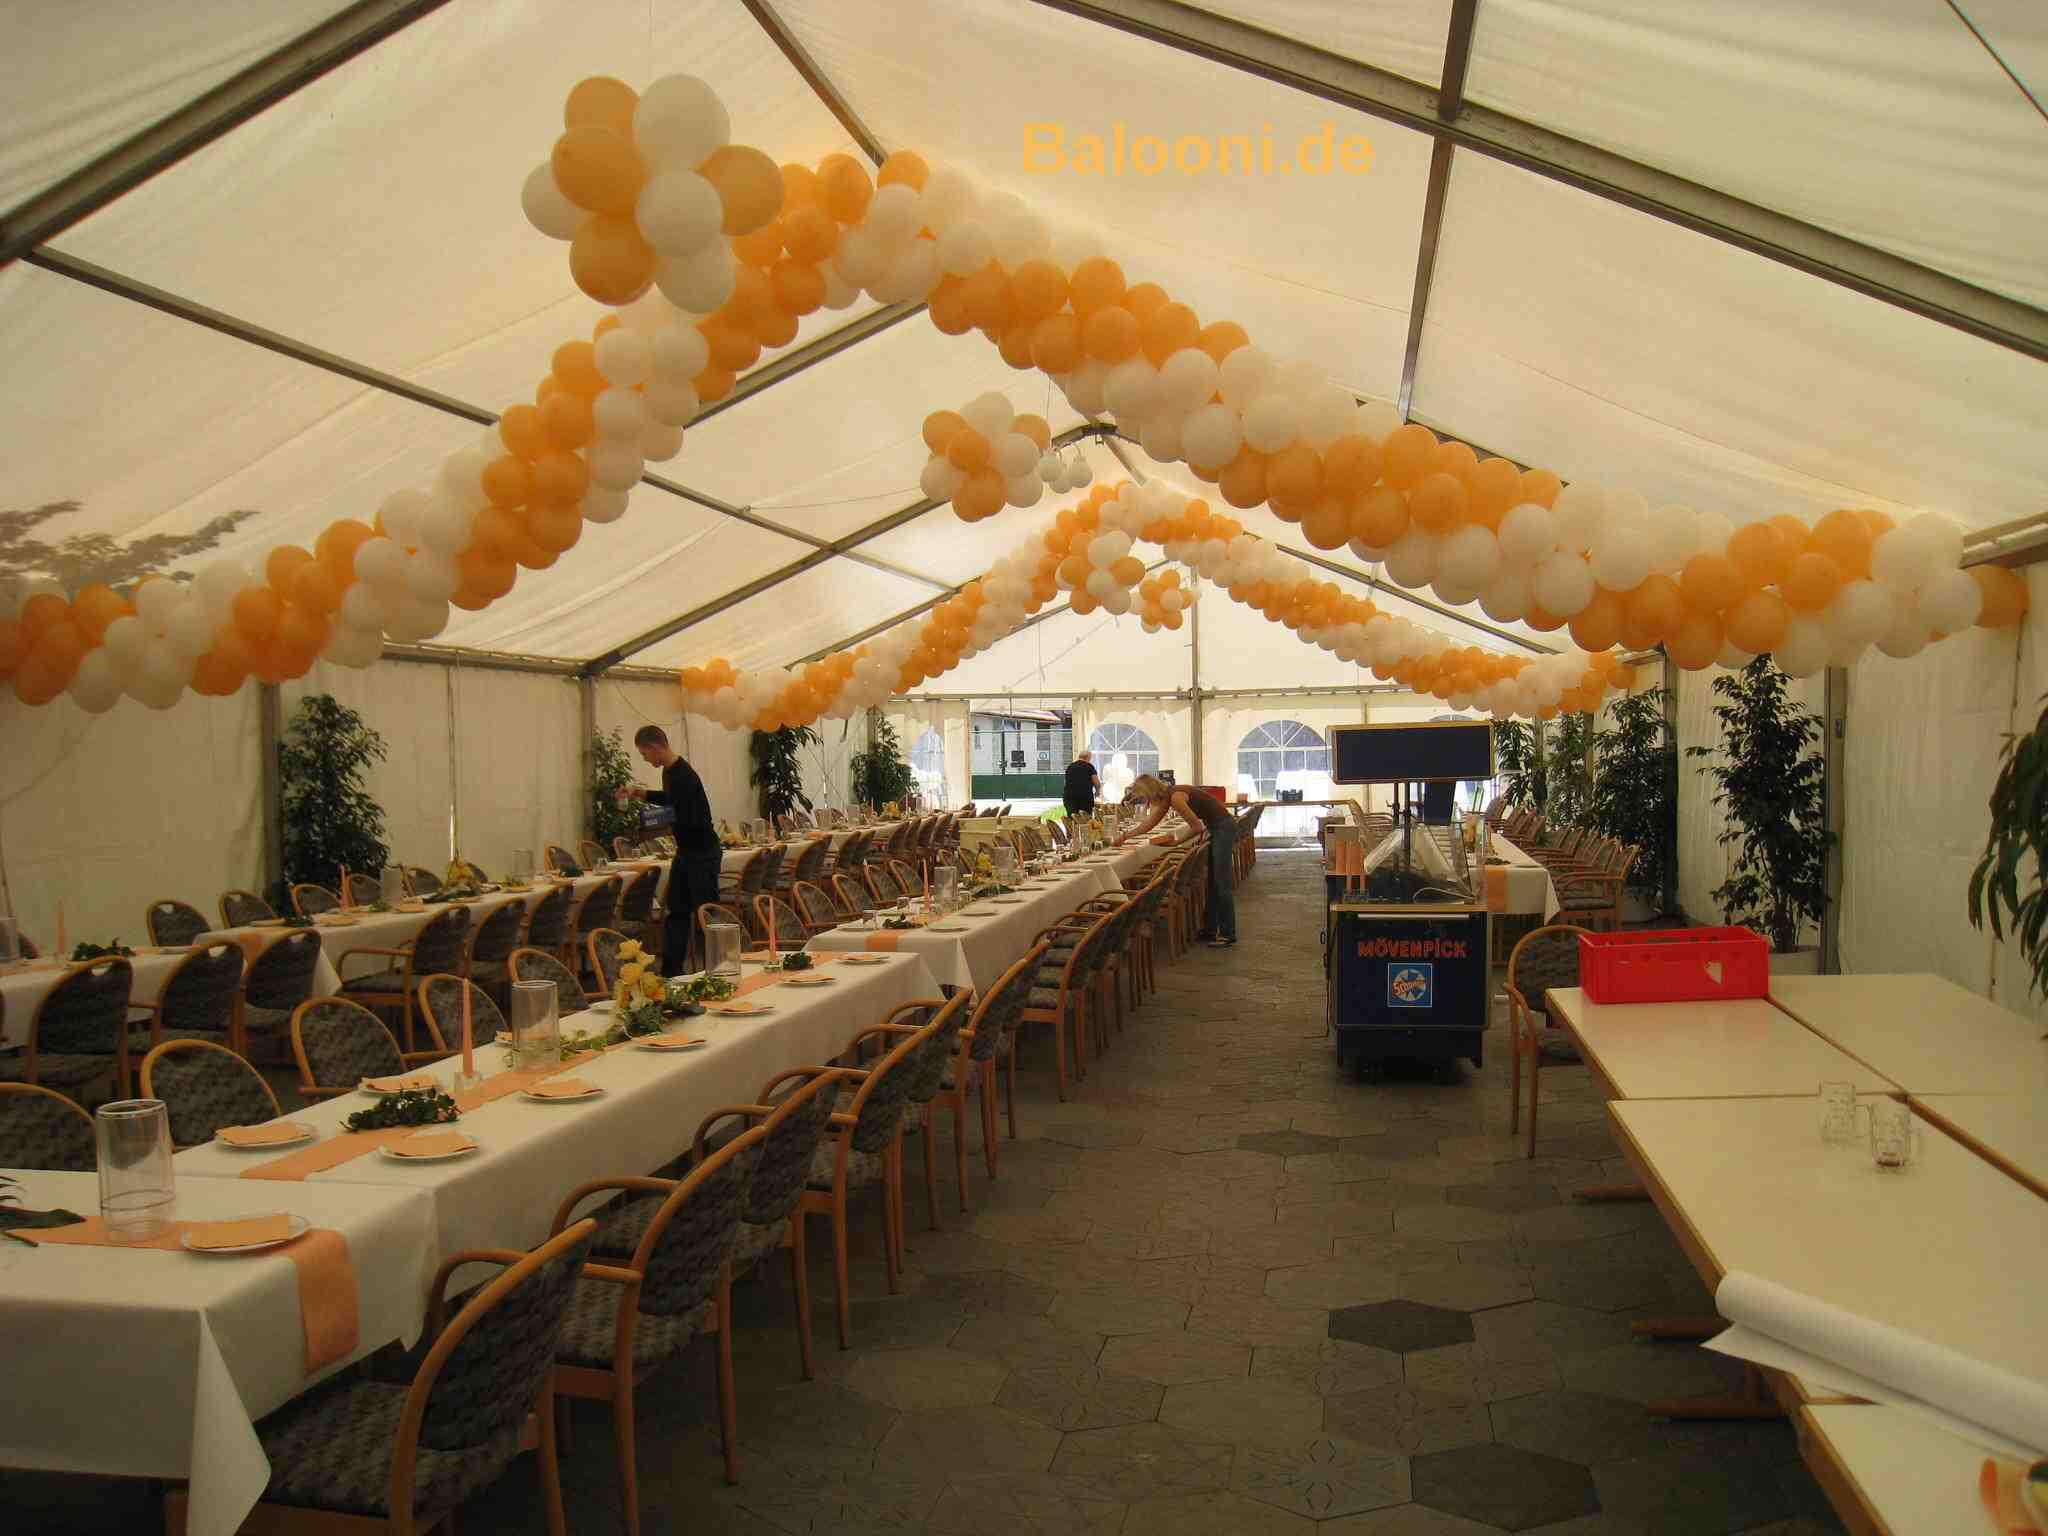 Balooni luftballons dekoration for Festzelt dekoration